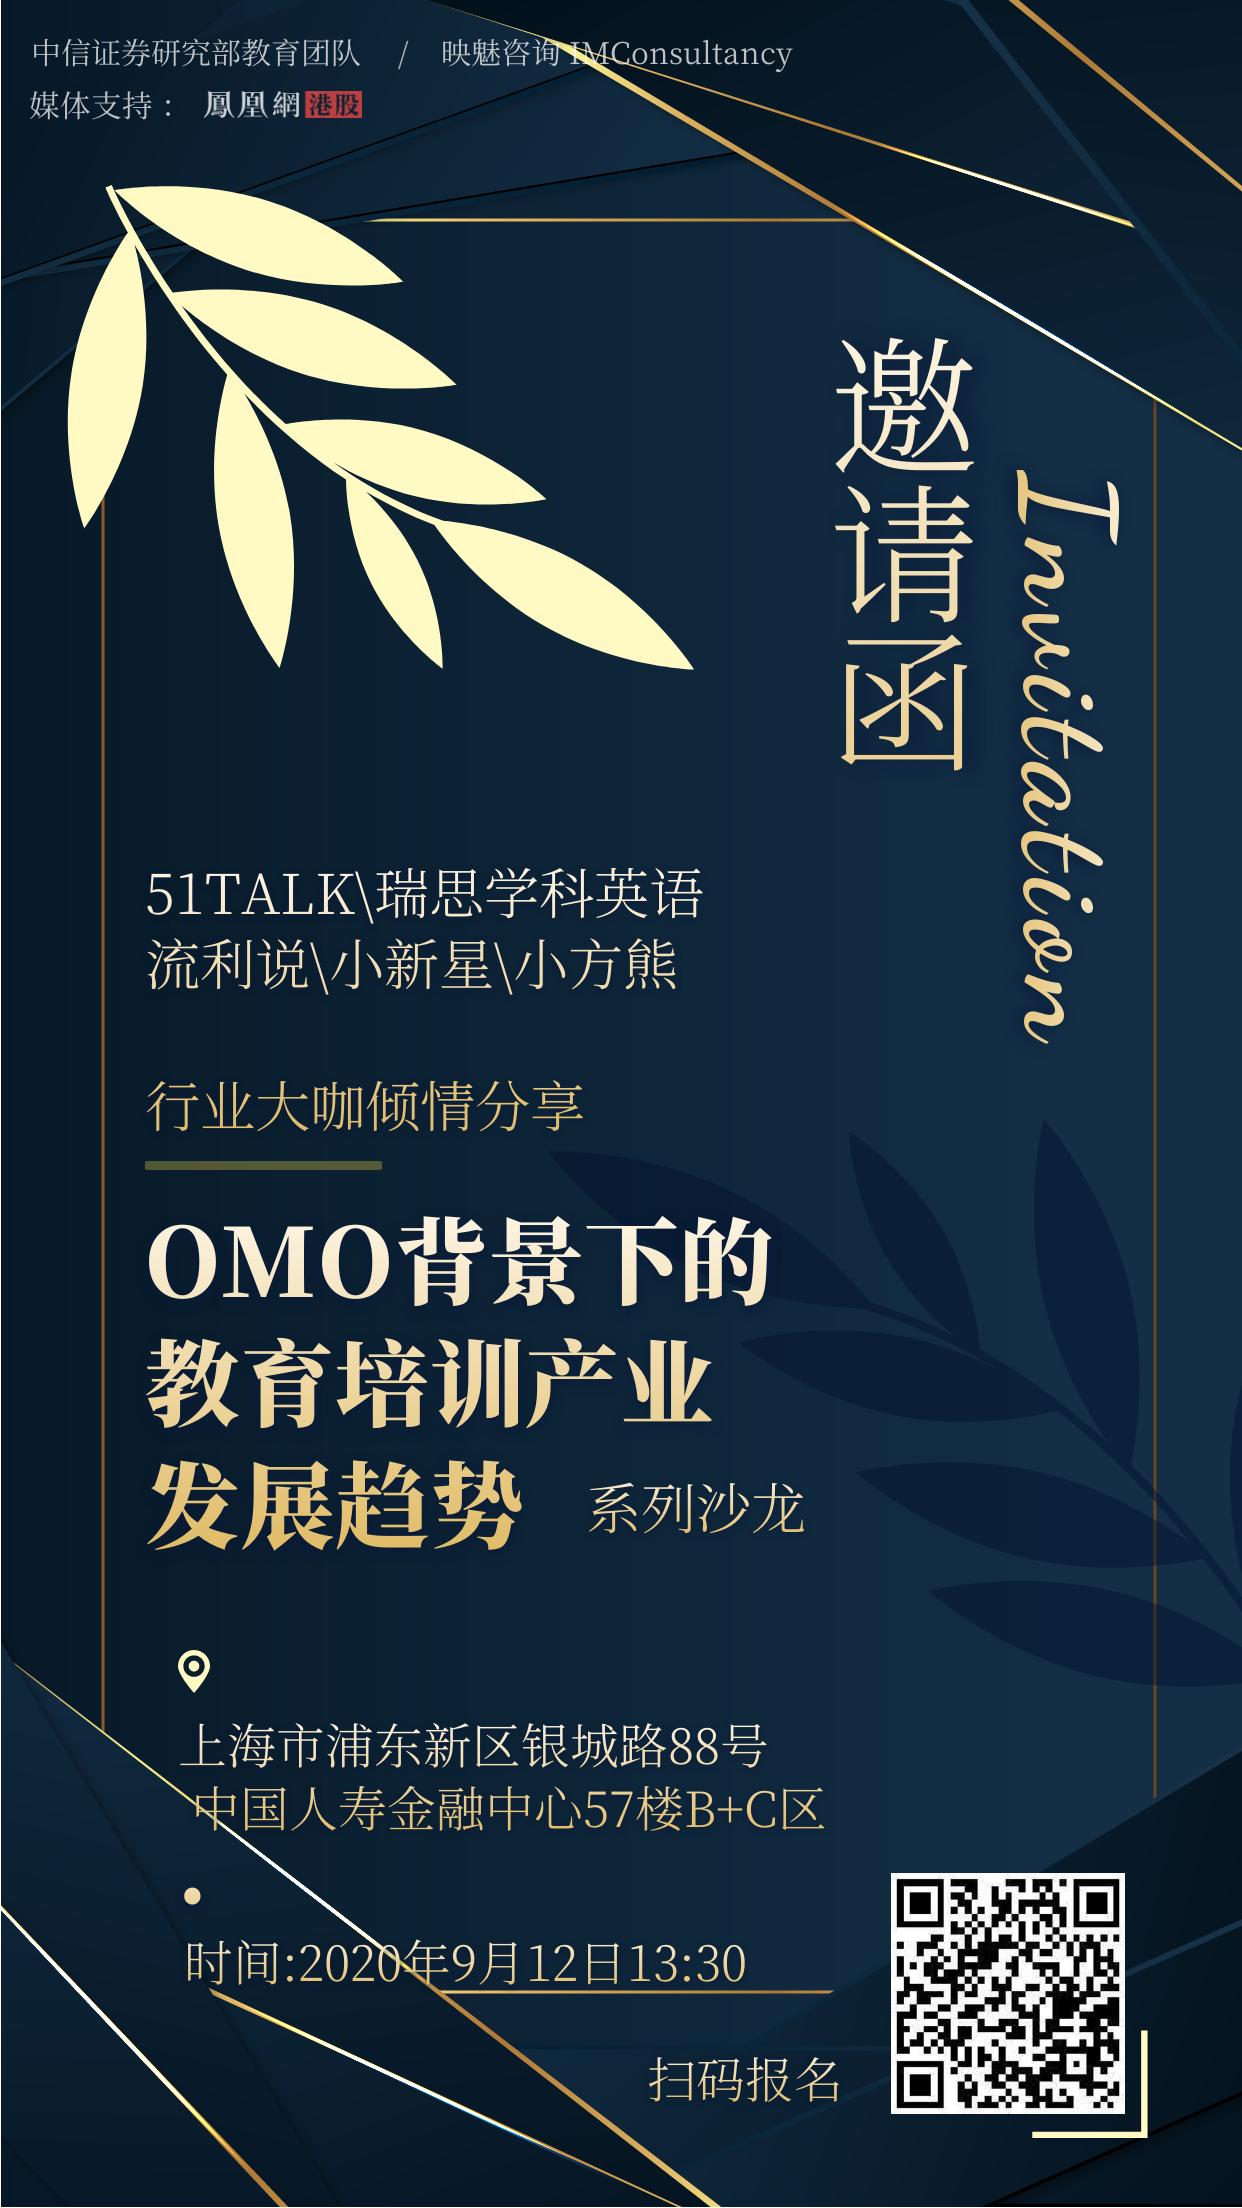 9月12日上海   映魅咨询、中信证券教育研究团队、凤凰网港股联合举办英语教育培训主题论坛